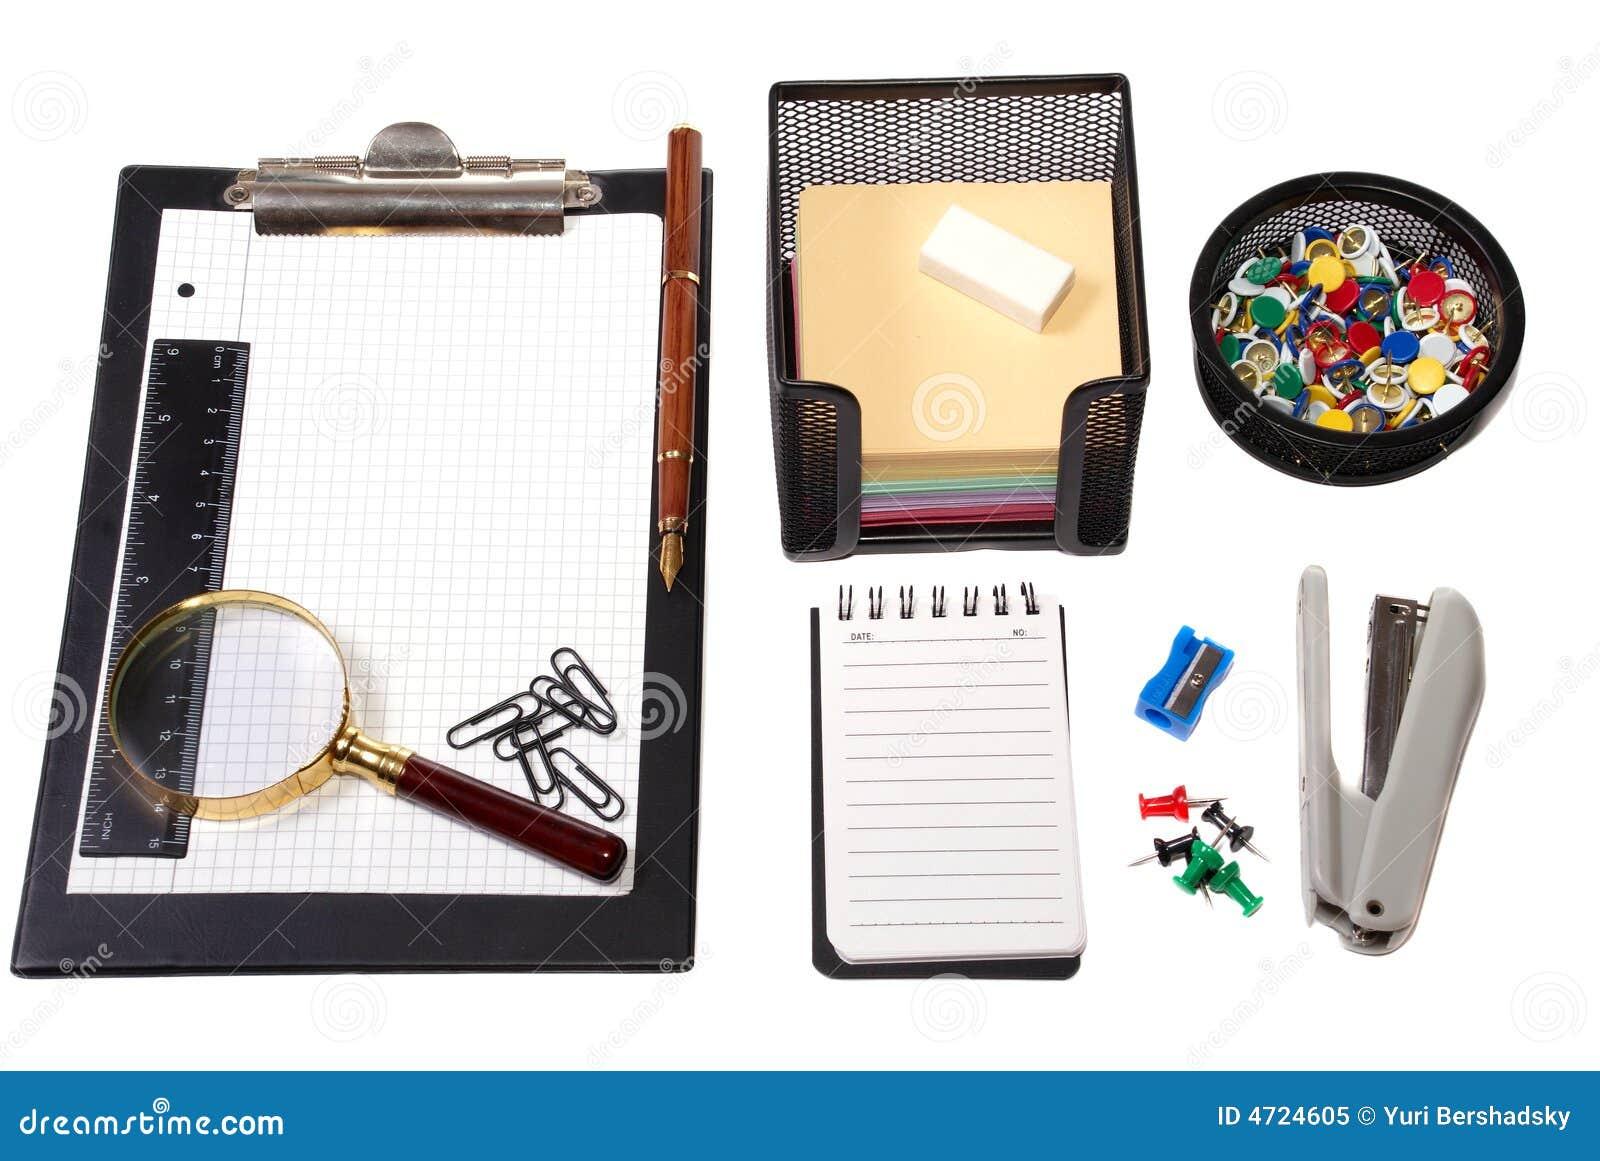 Herramientas de la oficina foto de archivo libre de for Herramientas de oficina